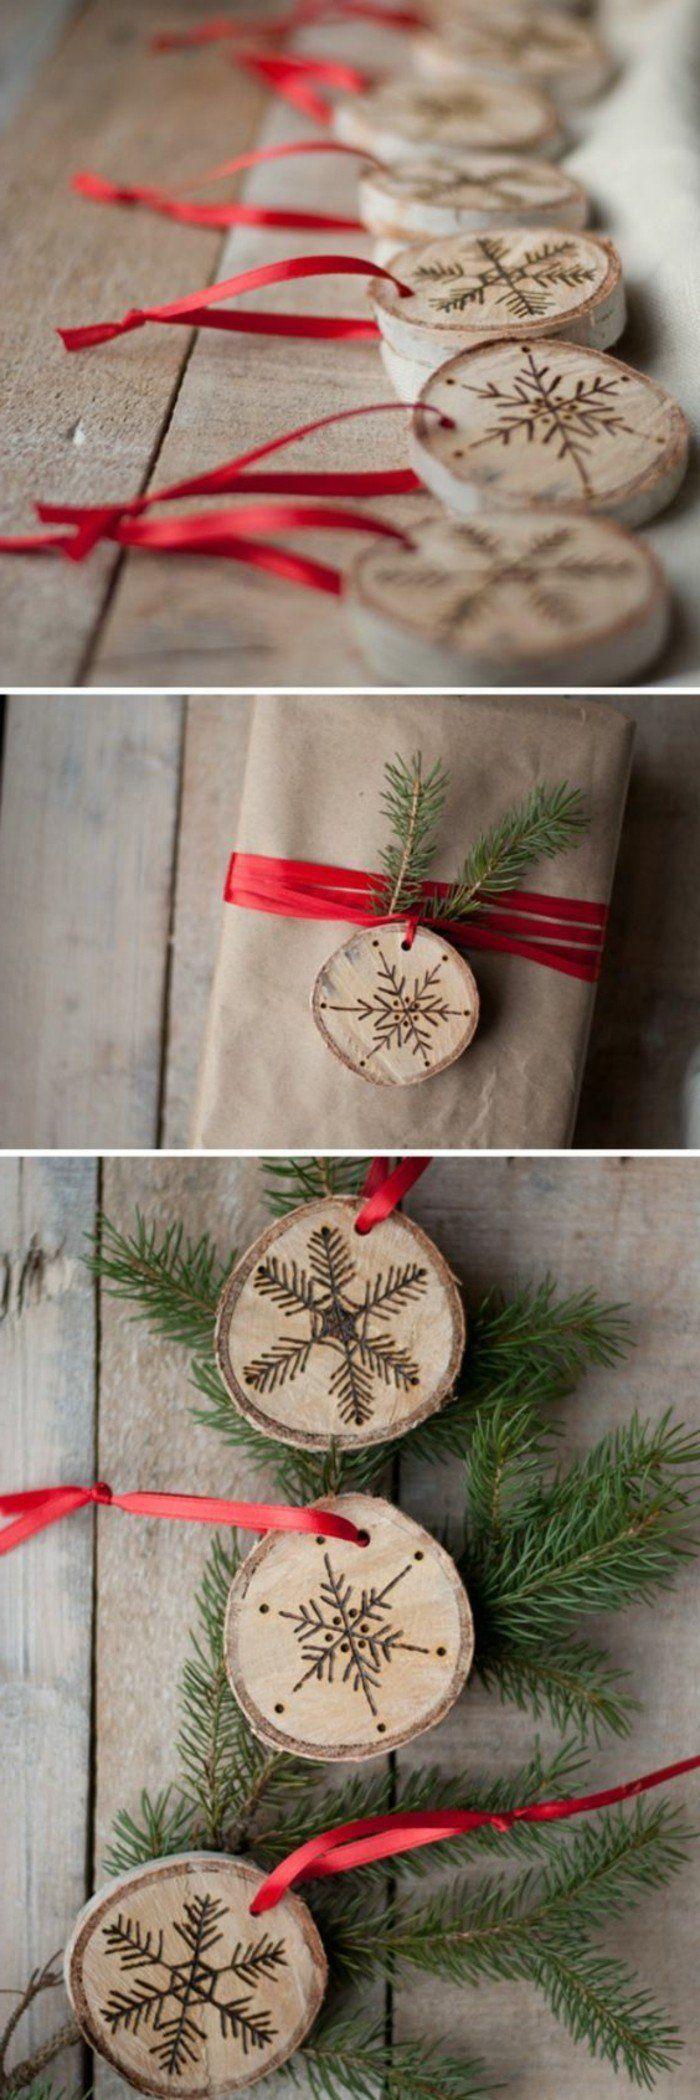 décoration noel, rondelles en bois, modèles de flocons de neige